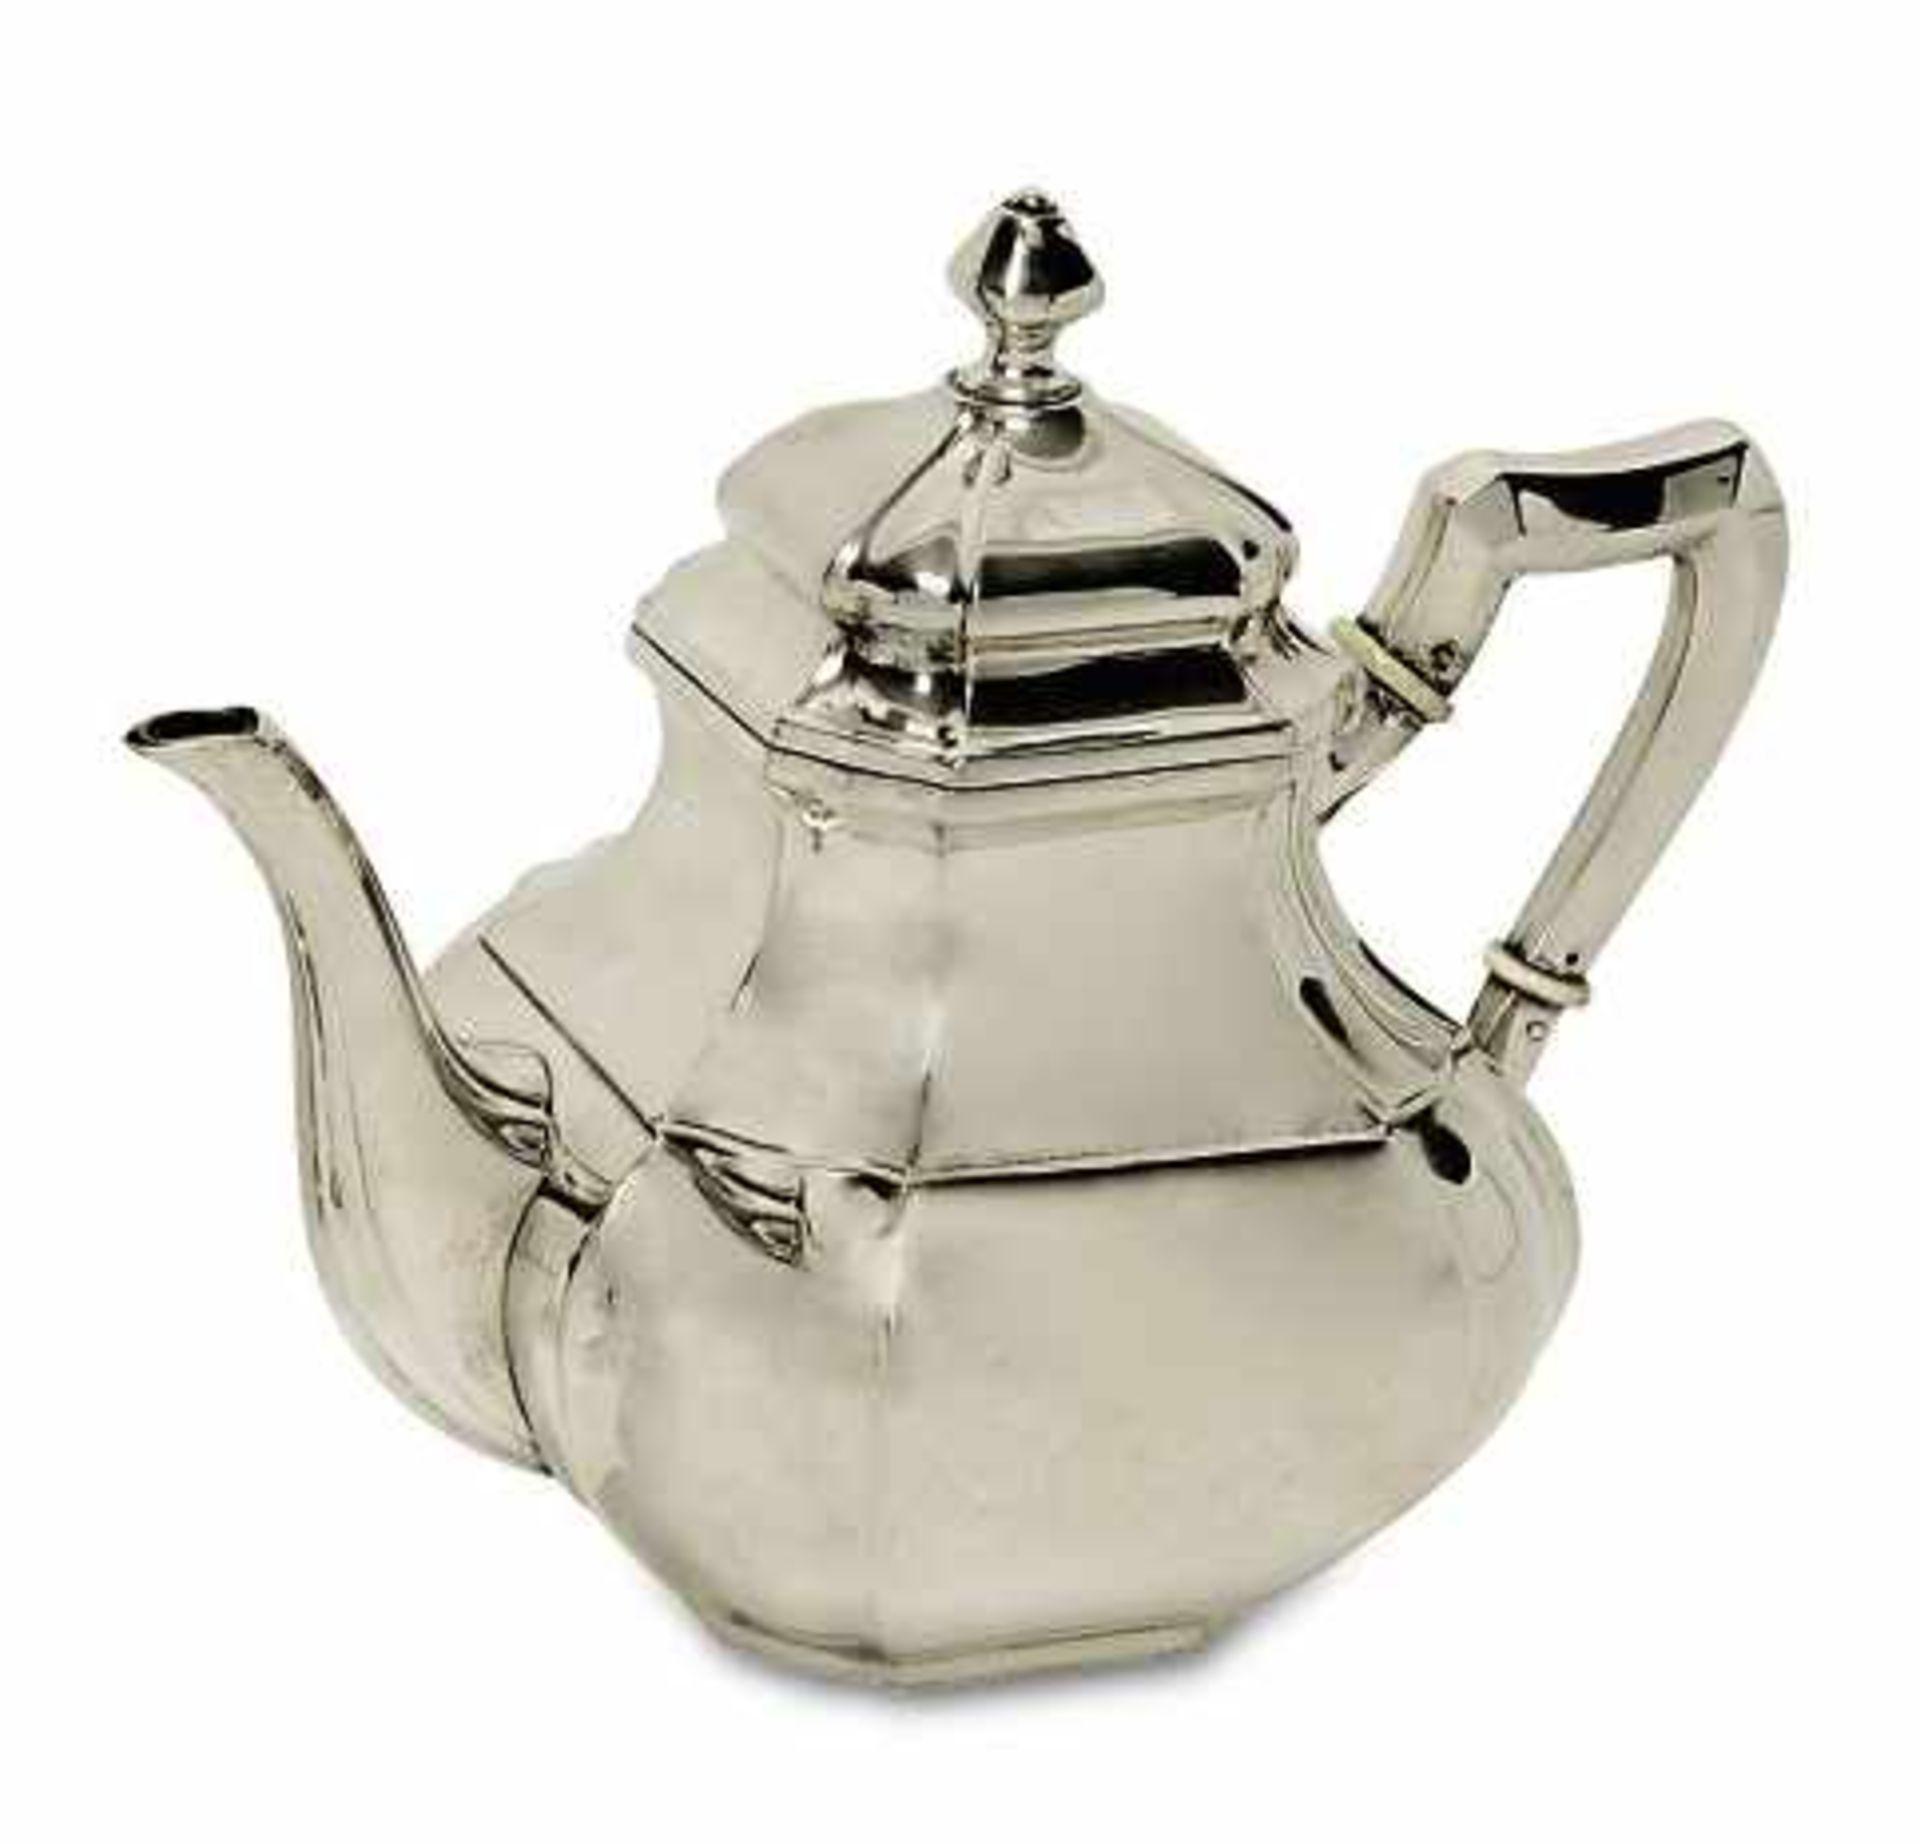 Los 18 - TeekanneDeutsch Silber. Abgeschrägte, geschweifte Ecken. Röhrenausguss. Marken (800). H. 18,5 cm.